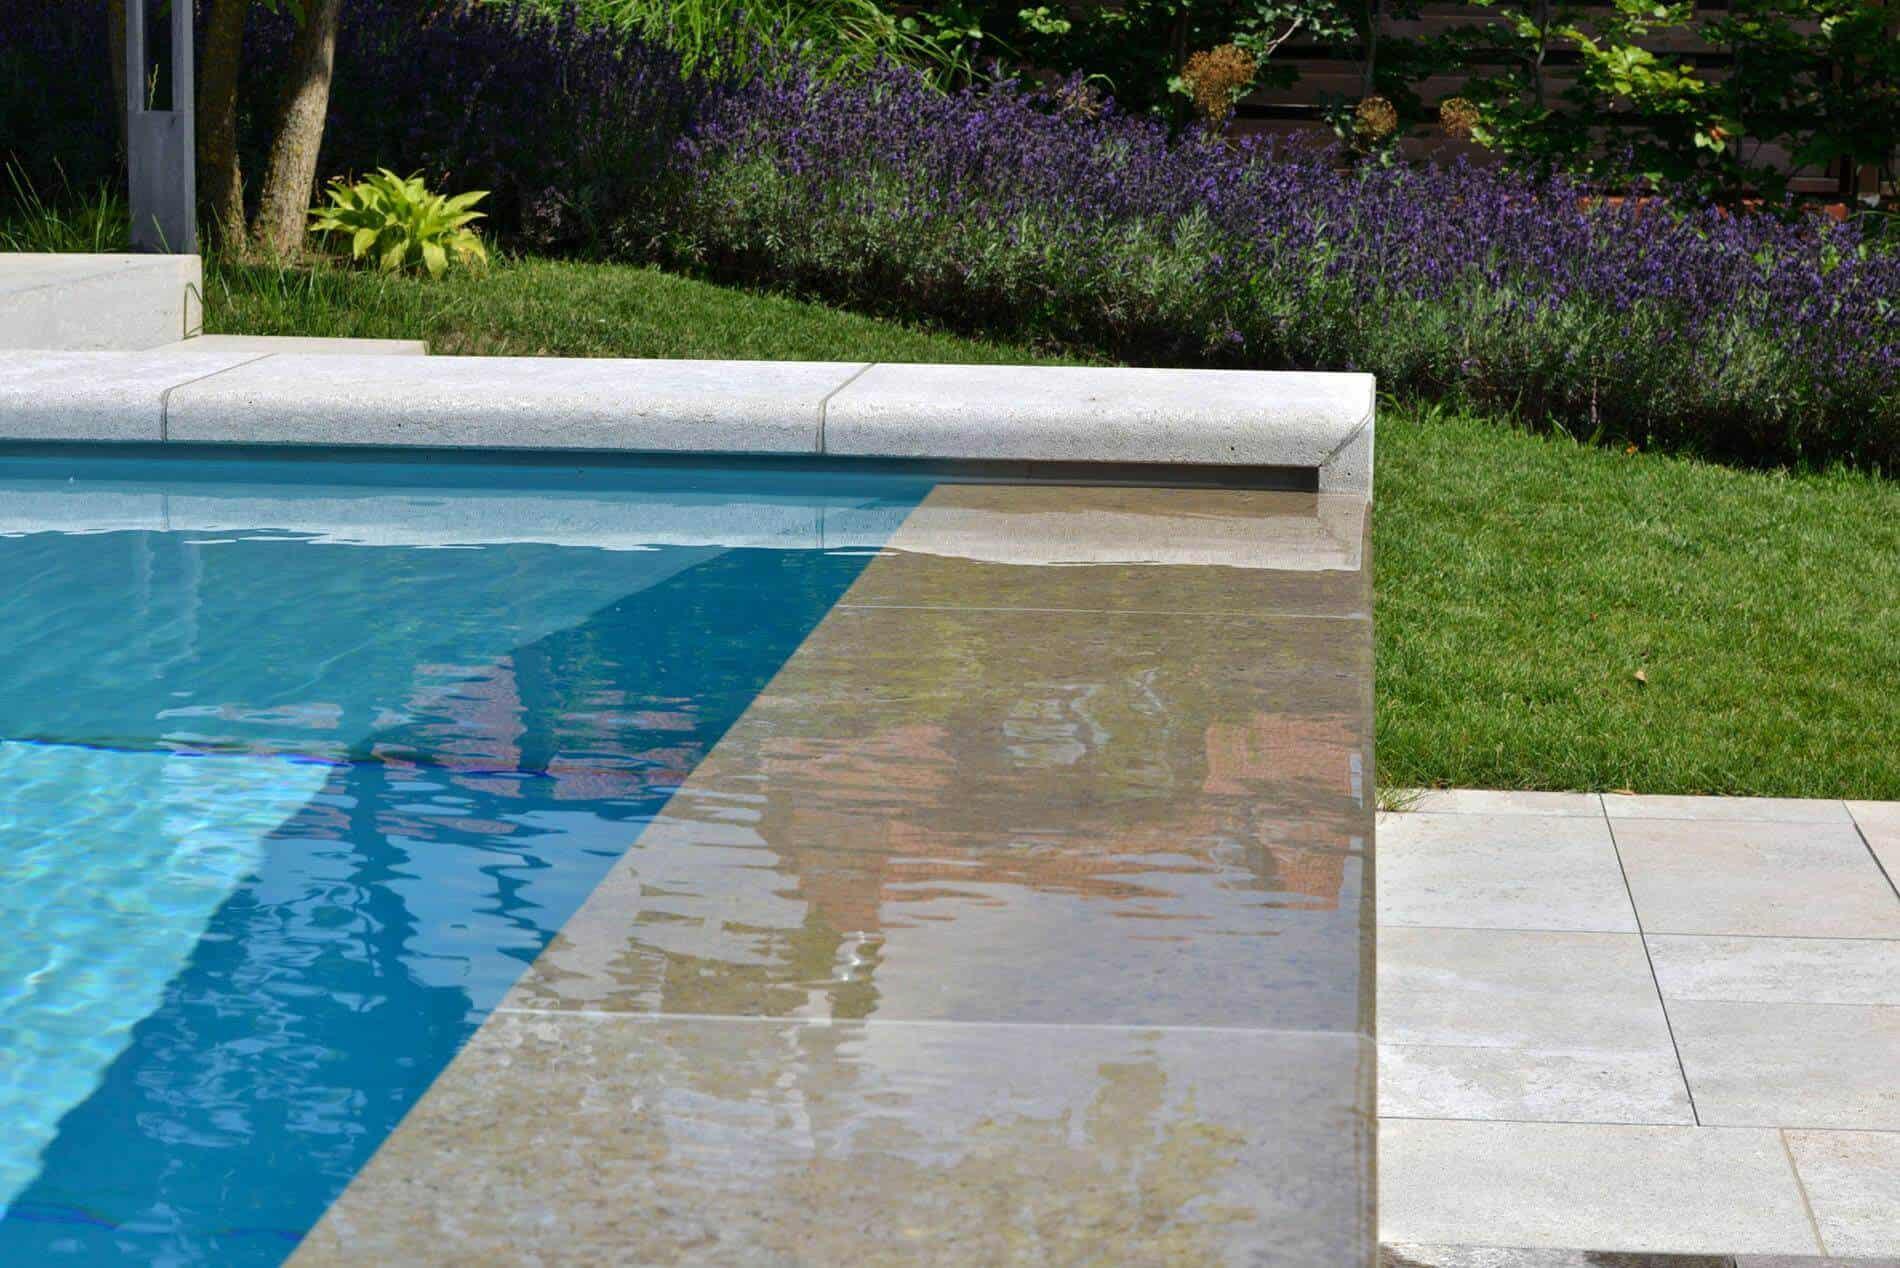 Pool günstig selber bauen | Kosten, Anleitung für Gartenpool & Co.